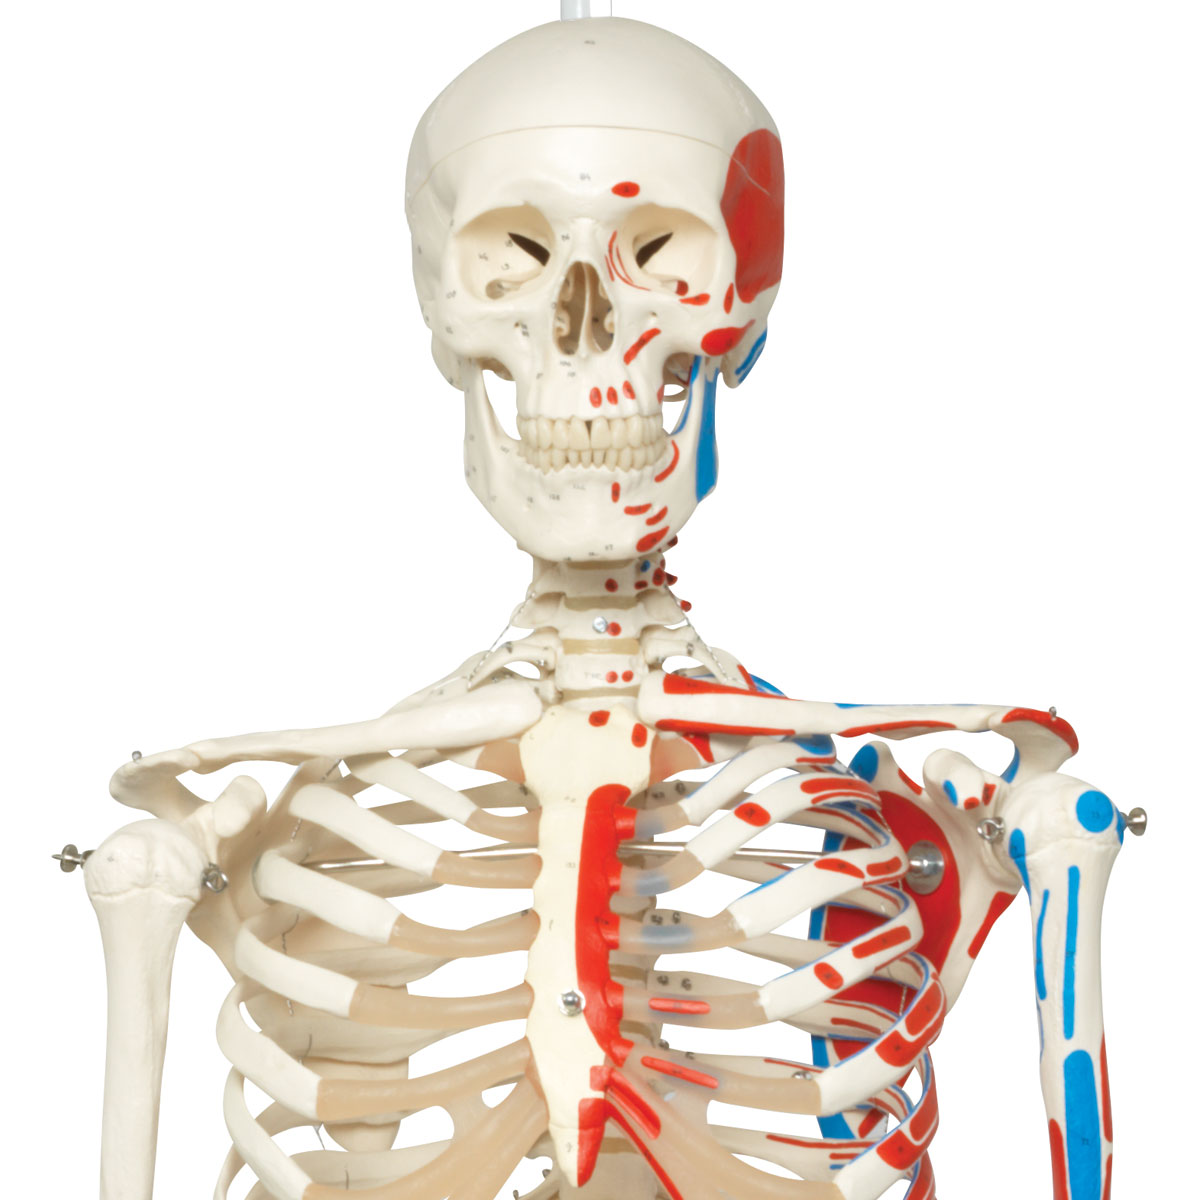 Human Skeleton Model Max Human Anatomical Skeleton